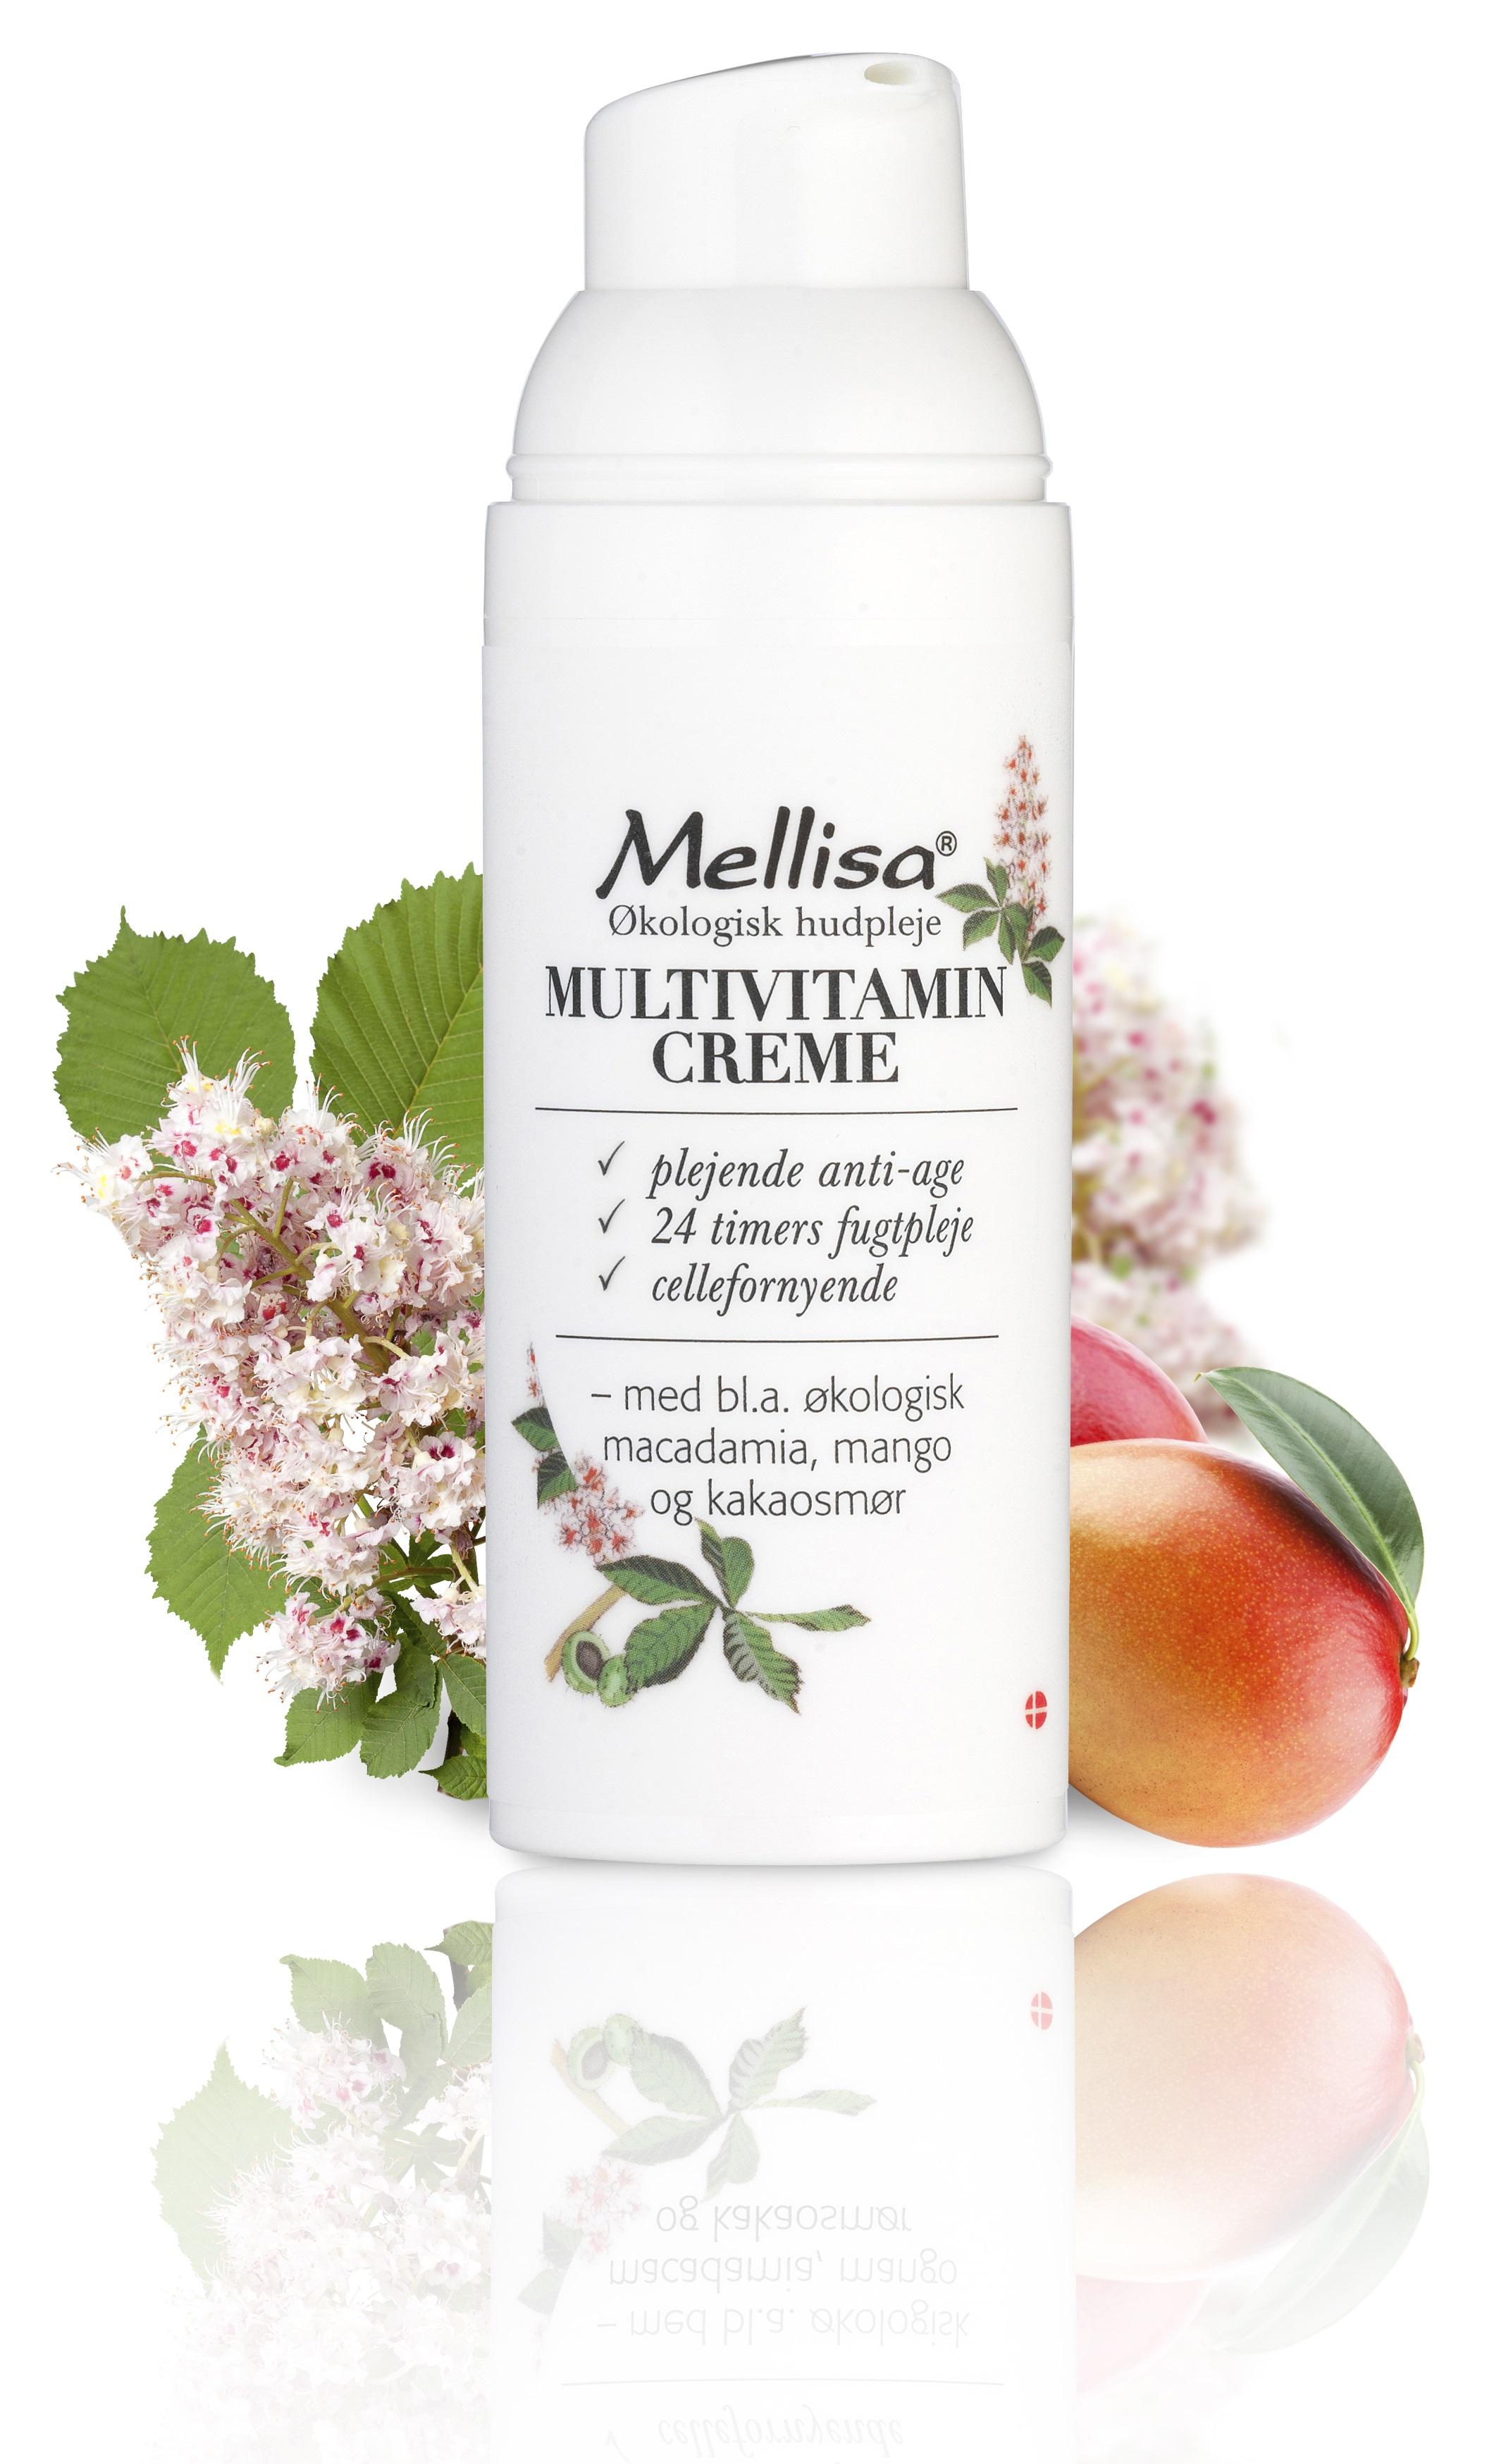 Billede af Mellisa Multivitamin Creme - 50 ml